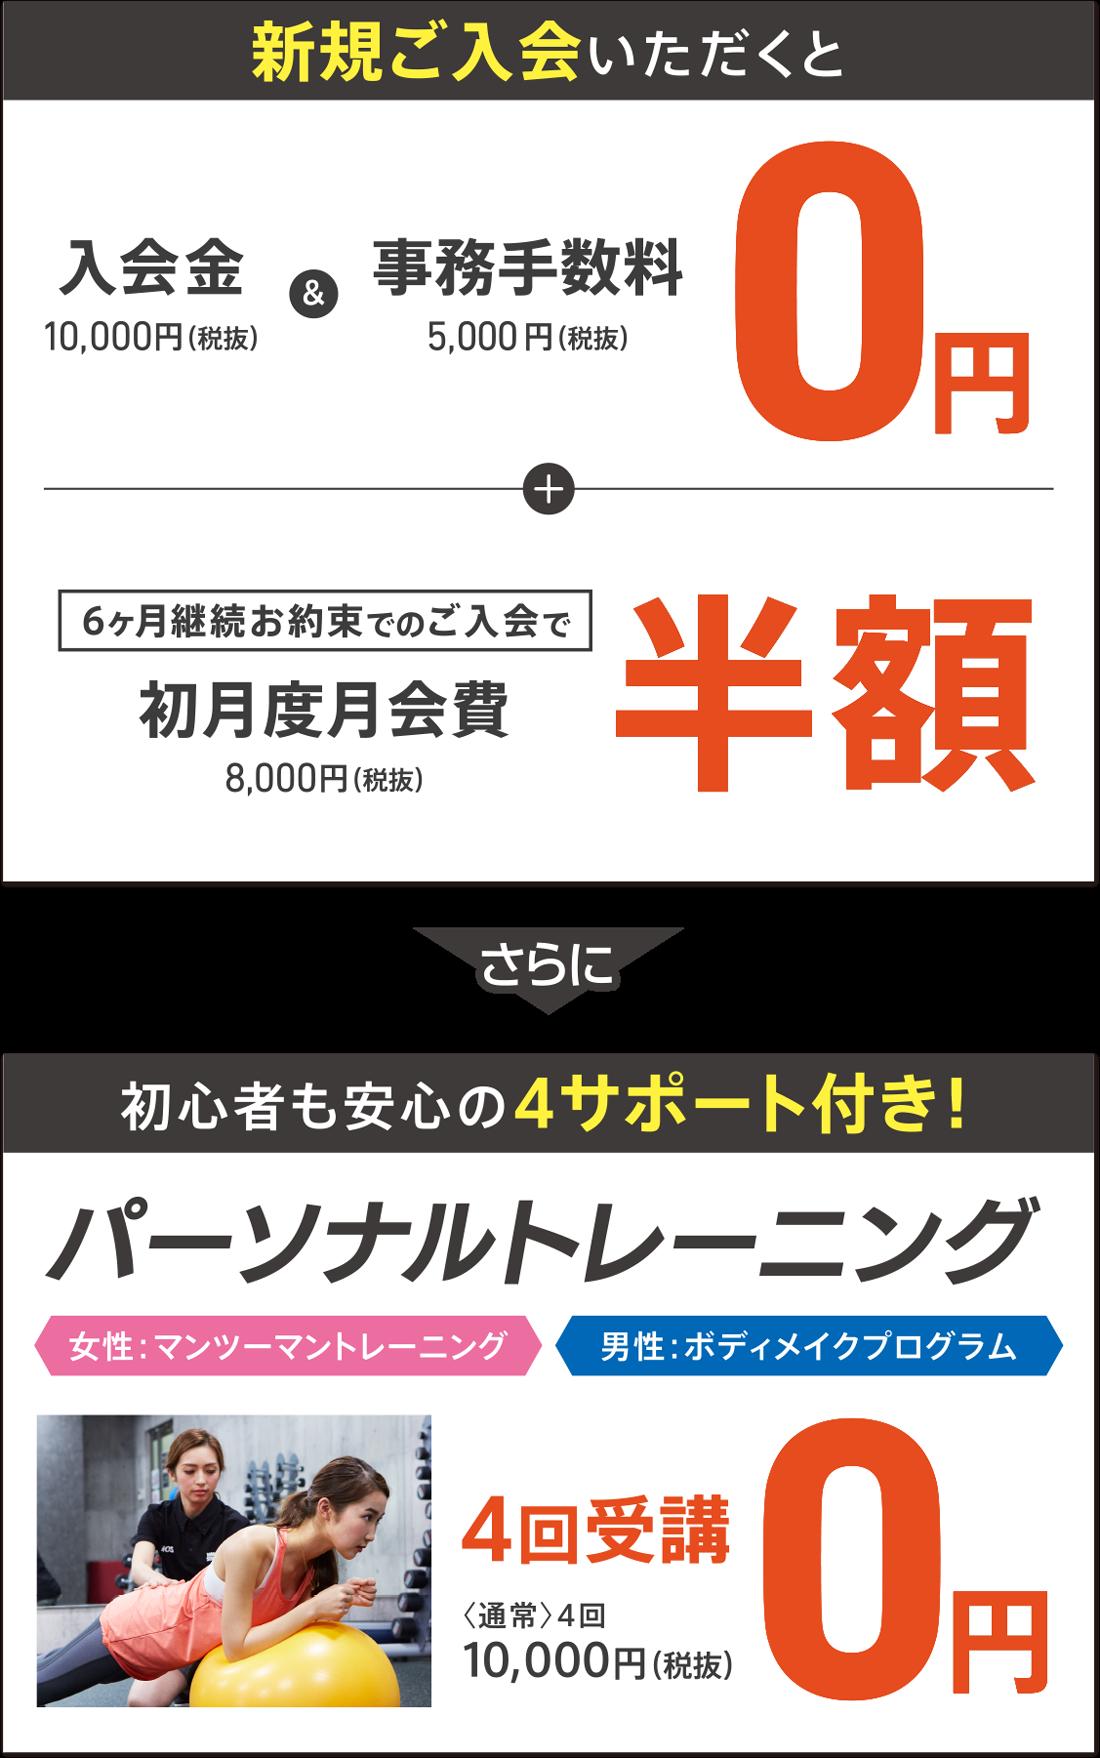 201909-campaign-02